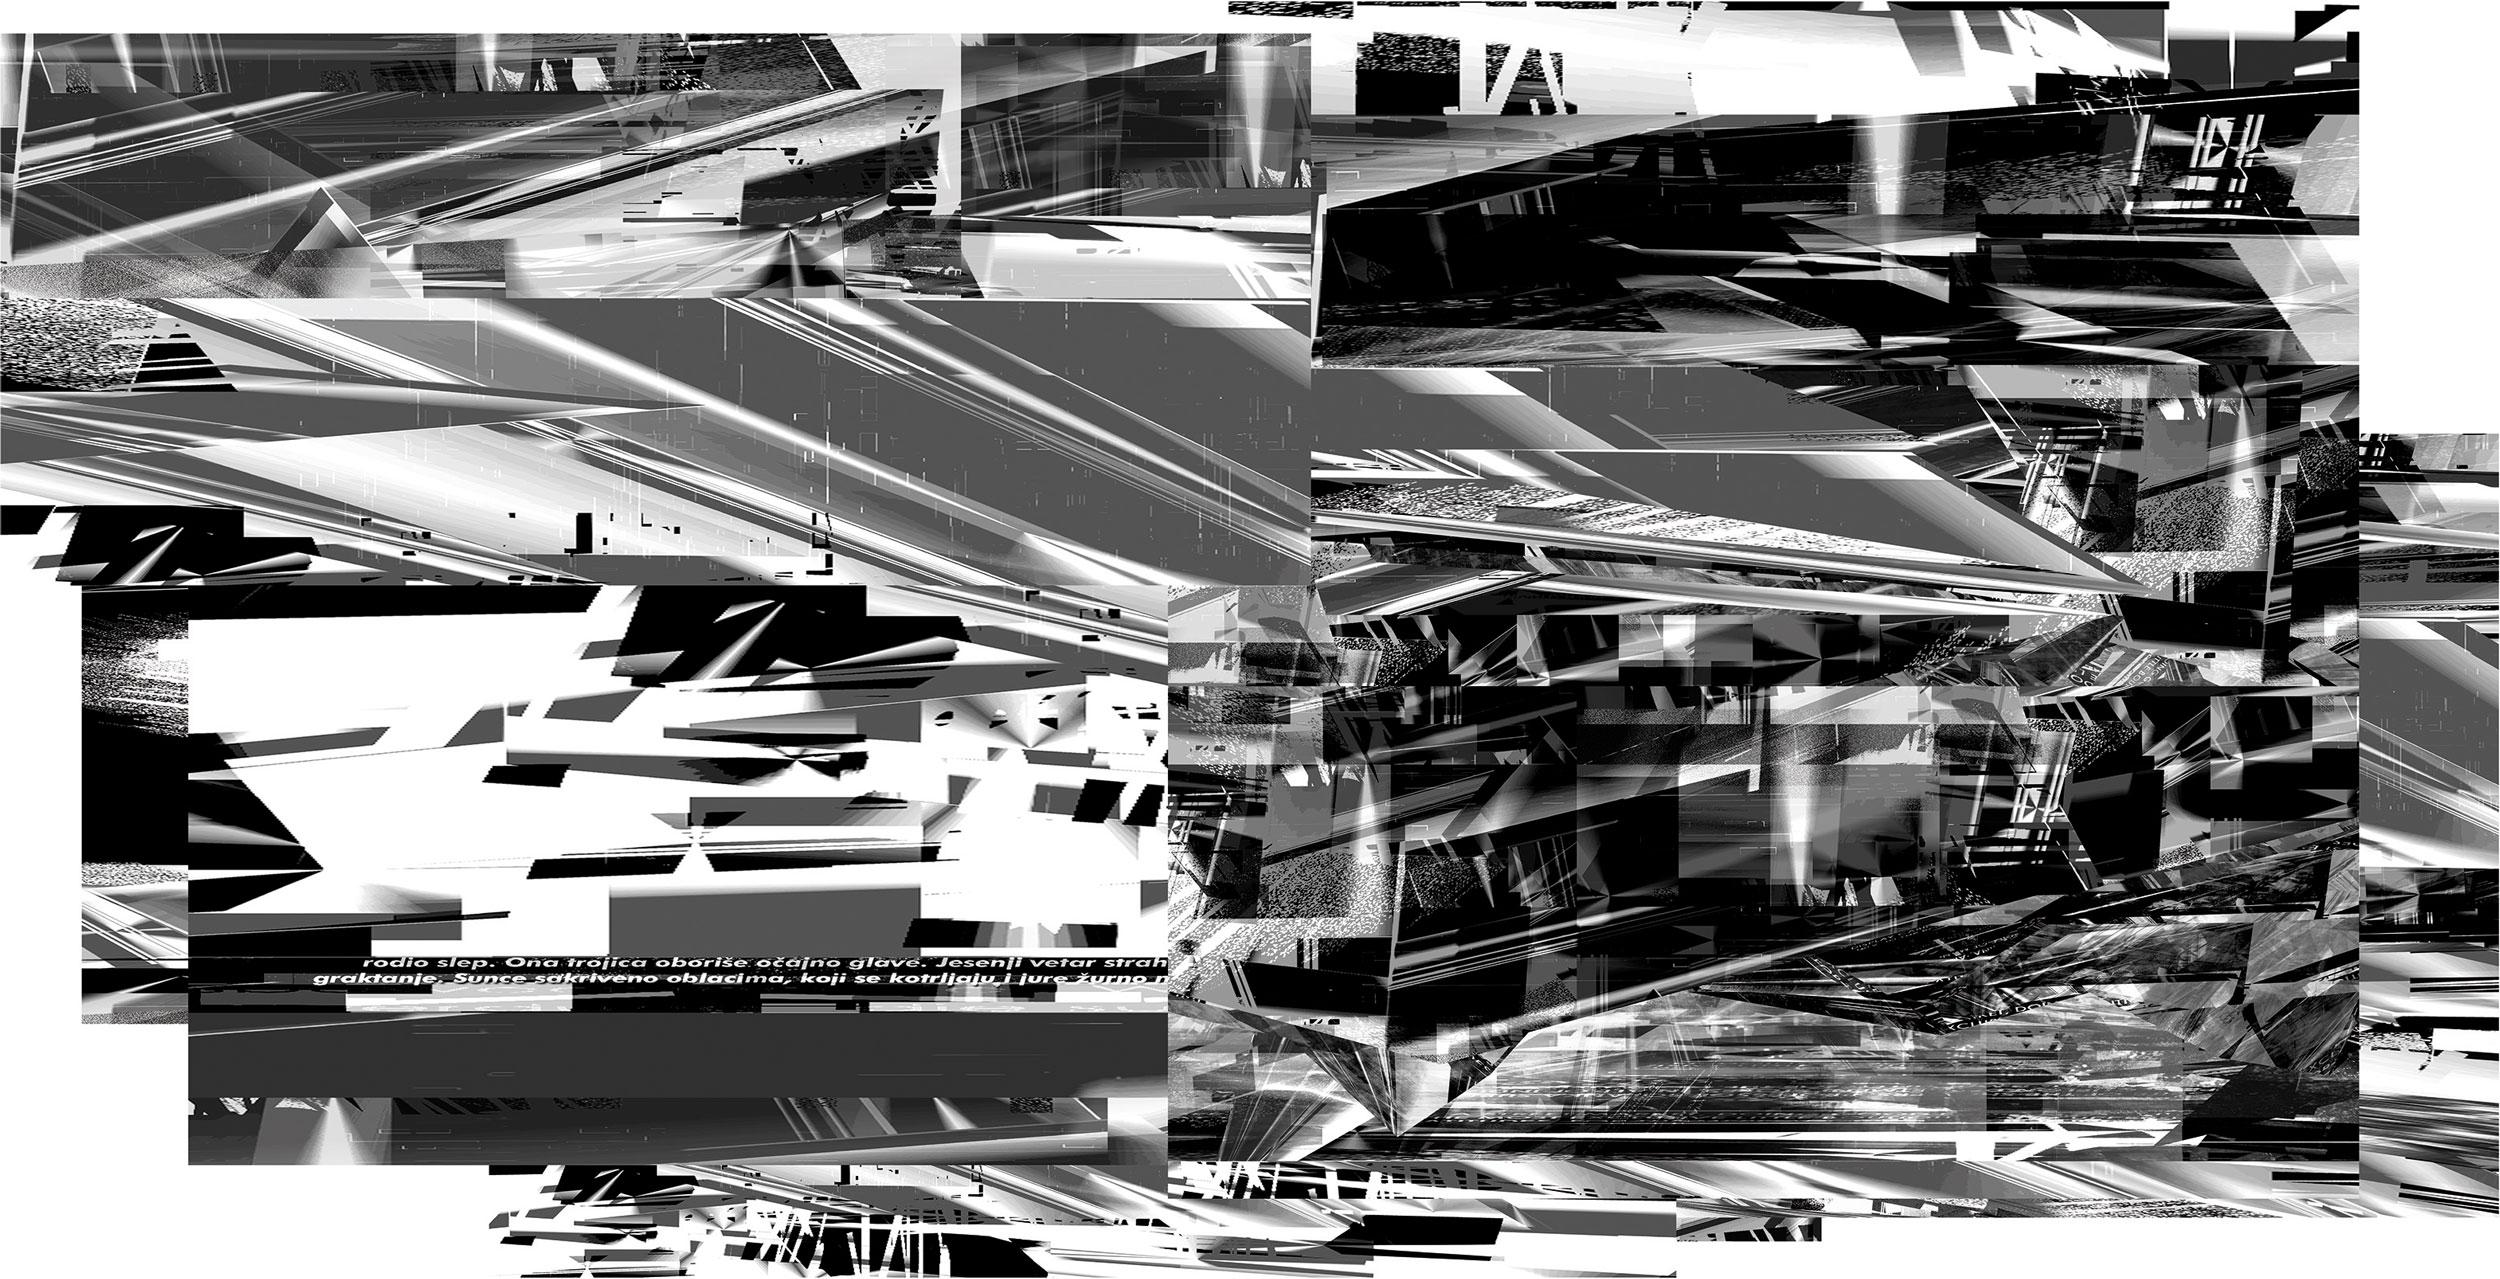 Herwig Steiner(1956L), Architektur, sp556, computergenerierte Zeichnung, 2013